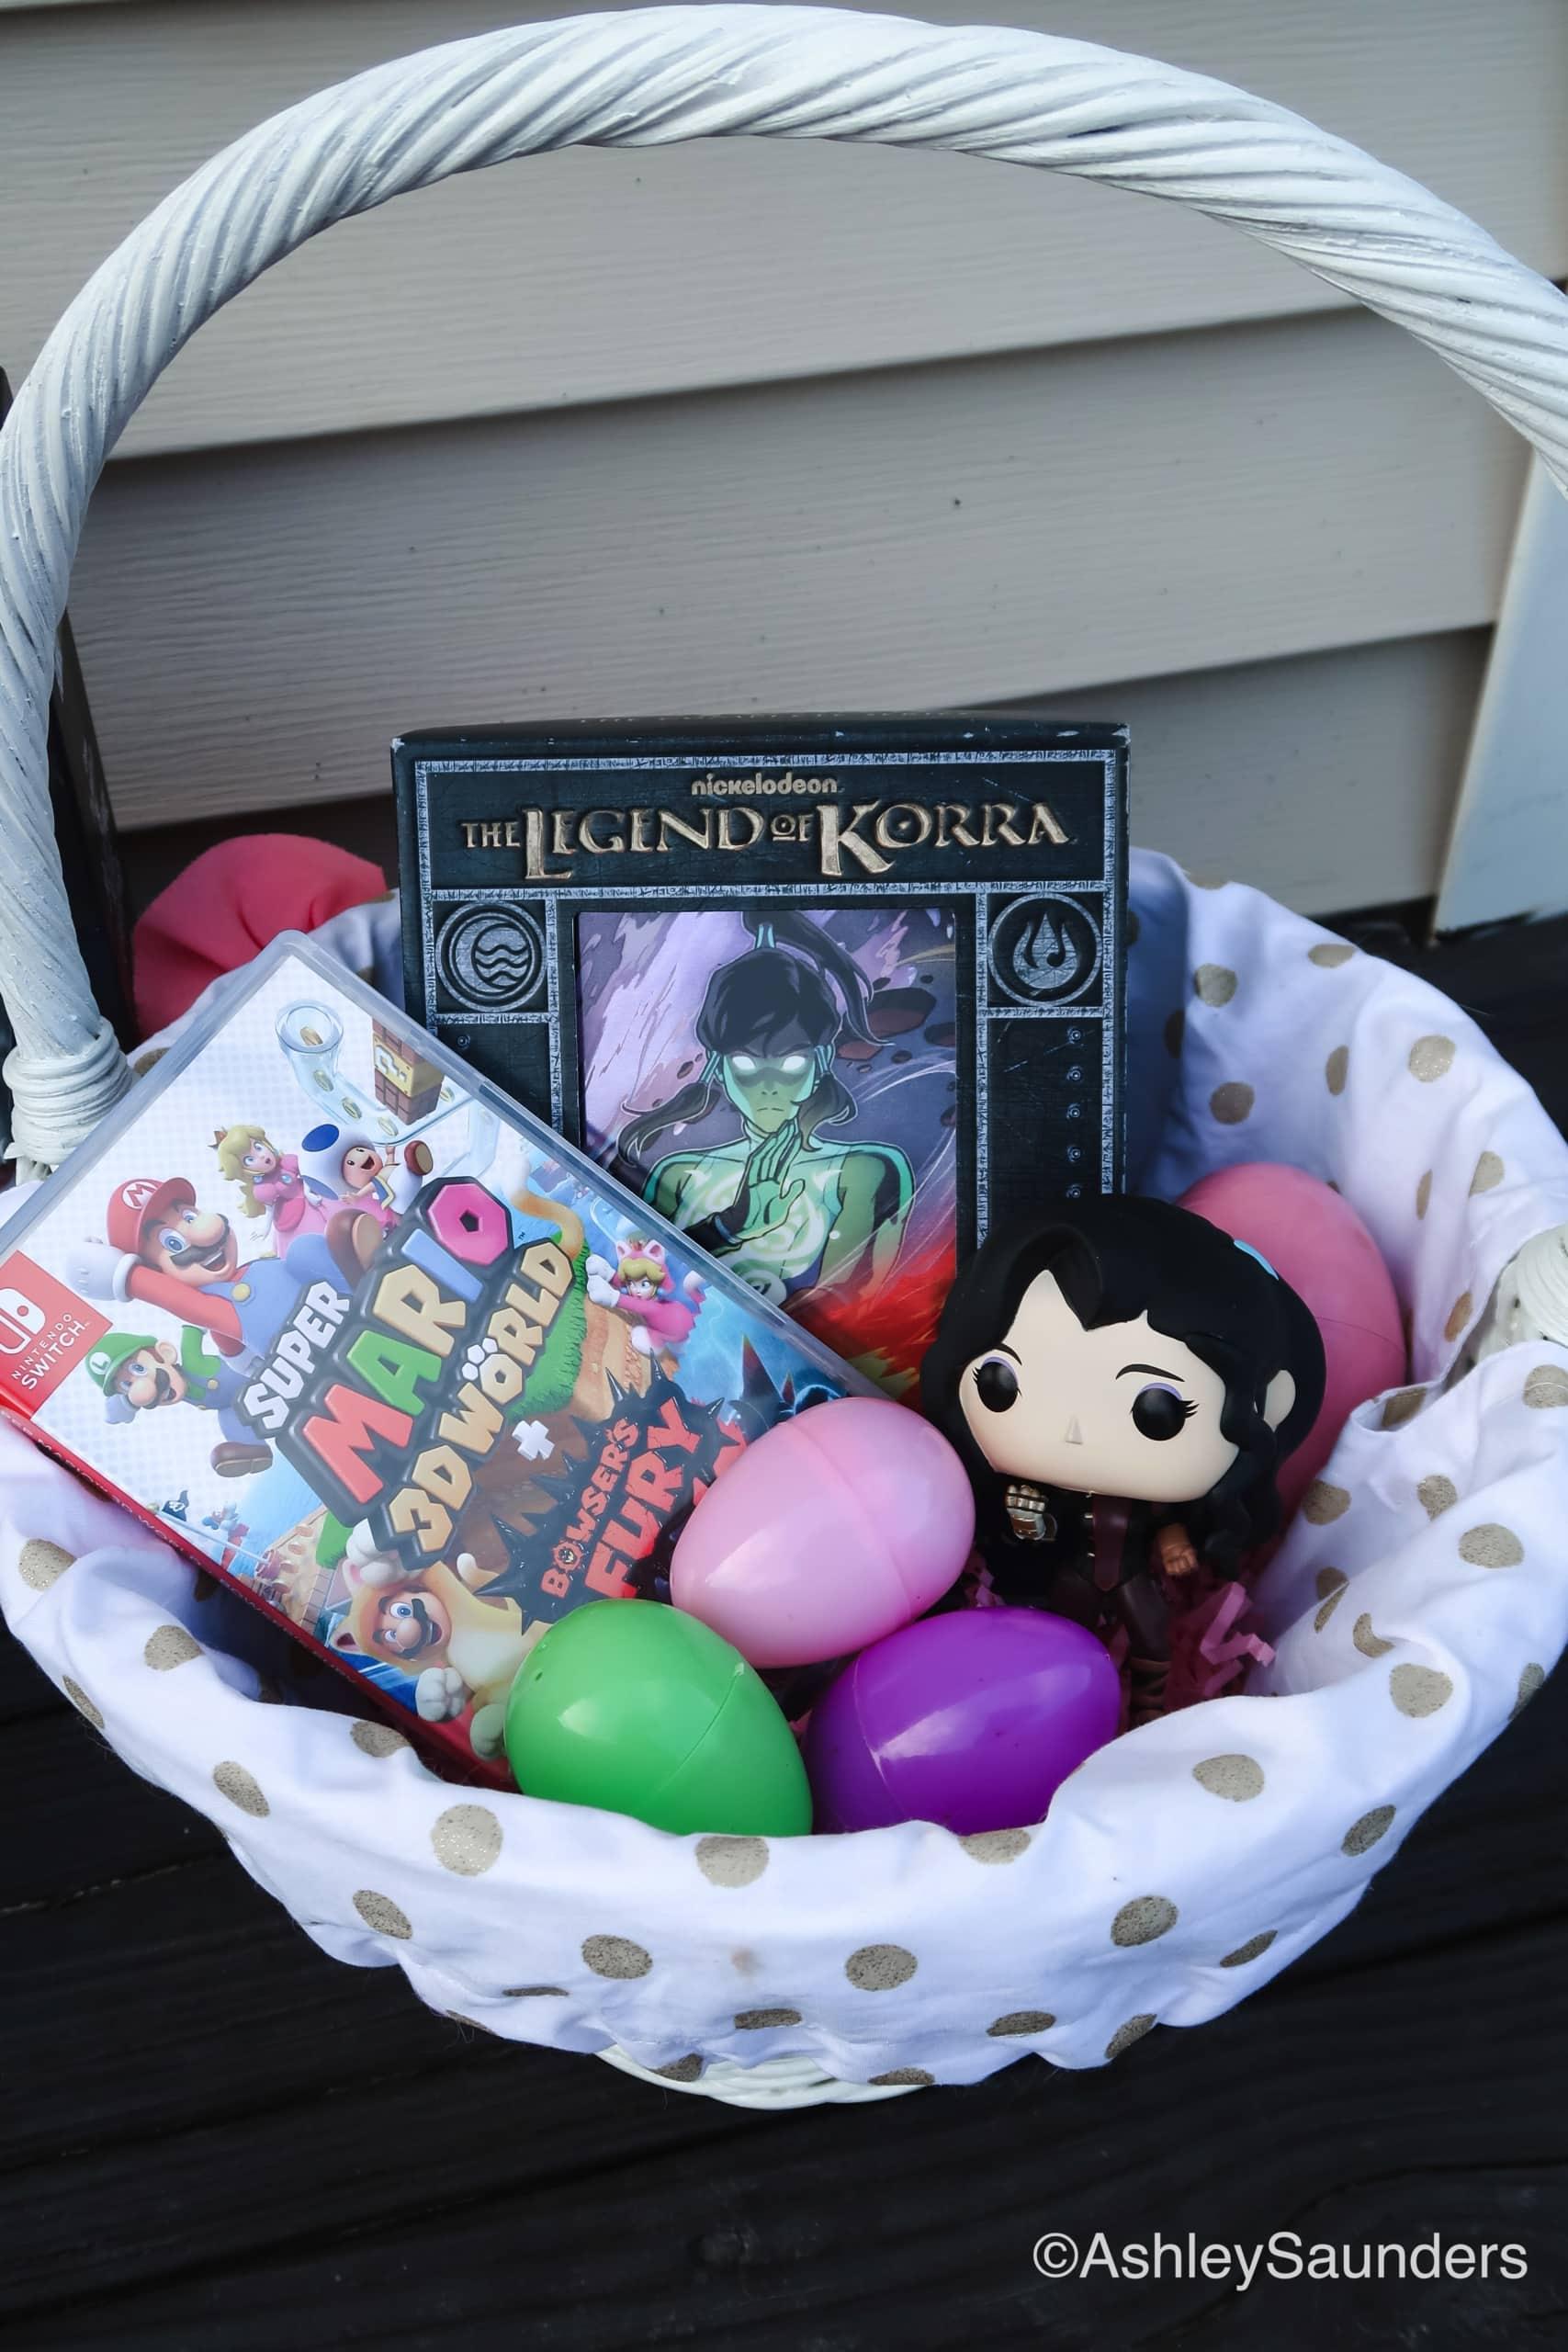 Easter Basket Ideas for Tweens and Teens Korra